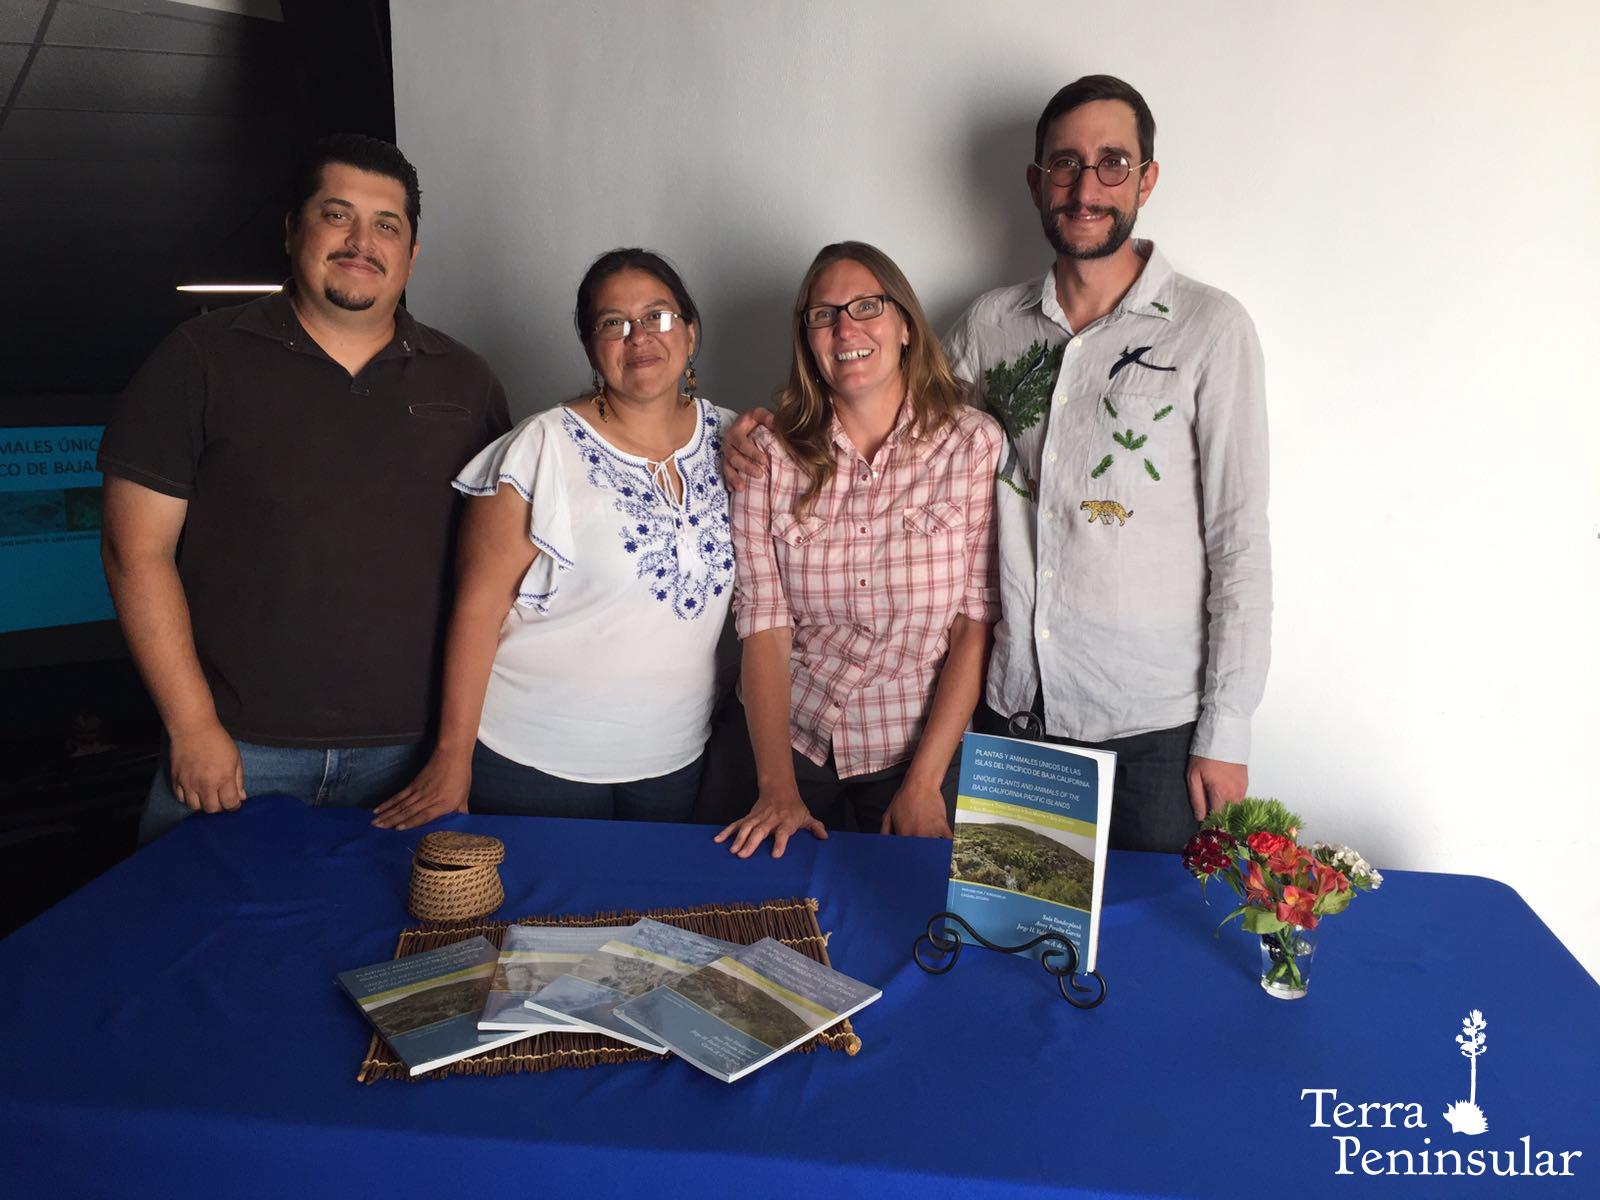 Presentación de libro de flora y fauna de Baja California